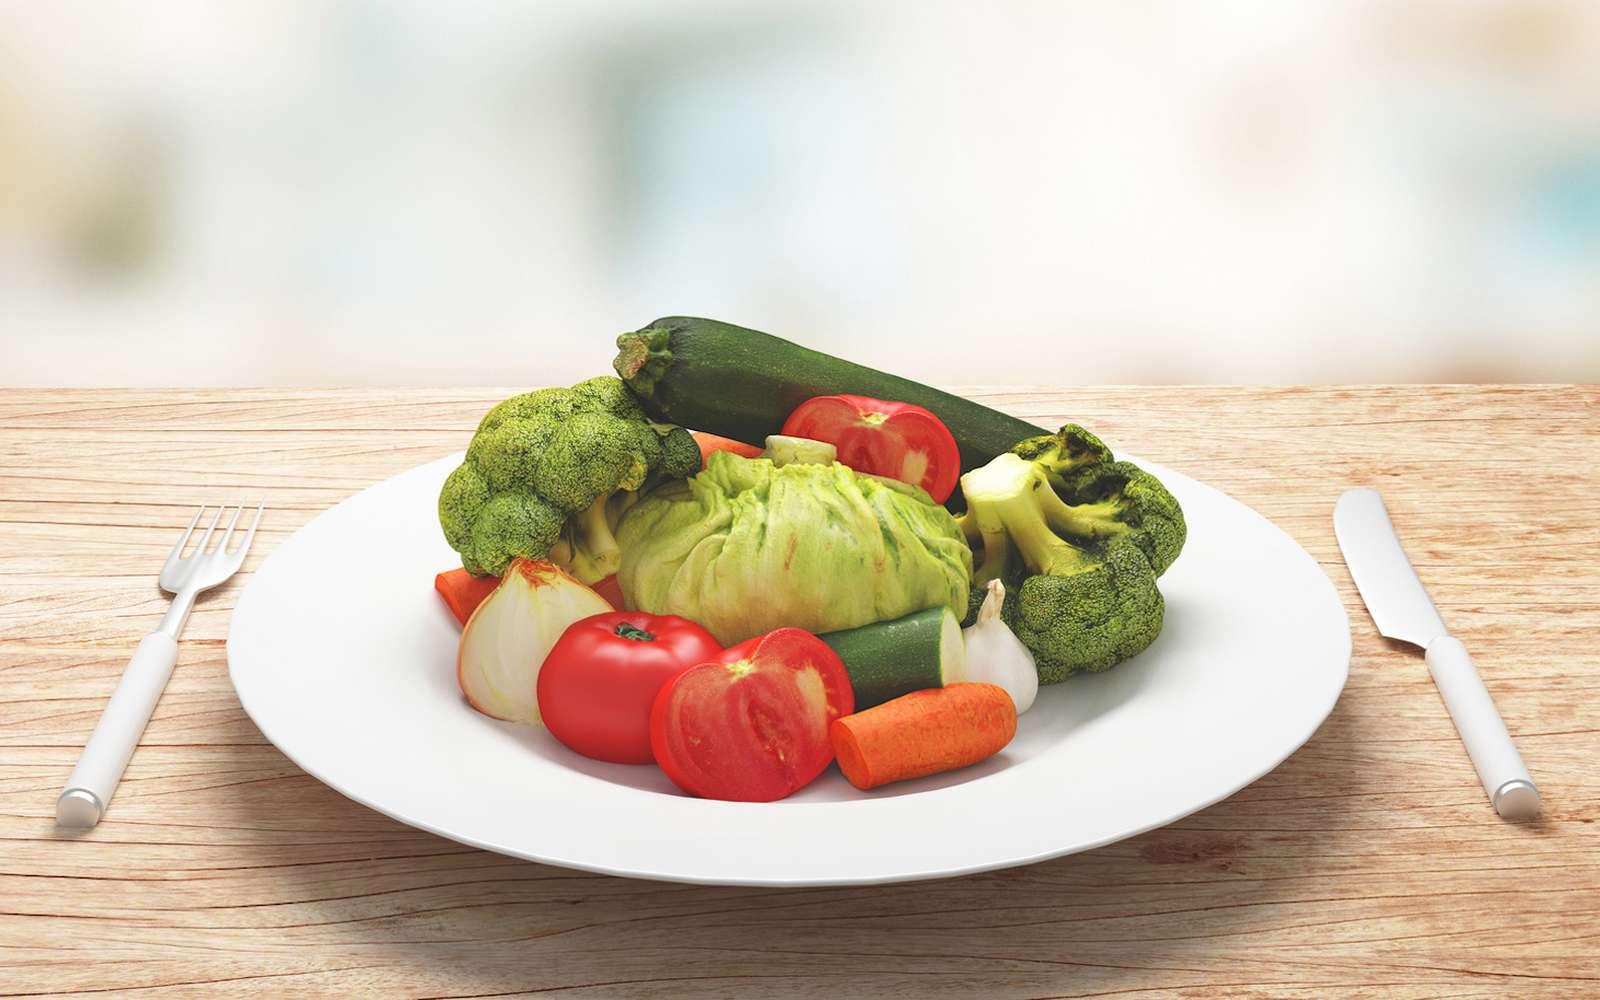 Les fruits et légumes n'ont pas toujours un bon bilan environnemental. © ALDECAstudio, Fotolia